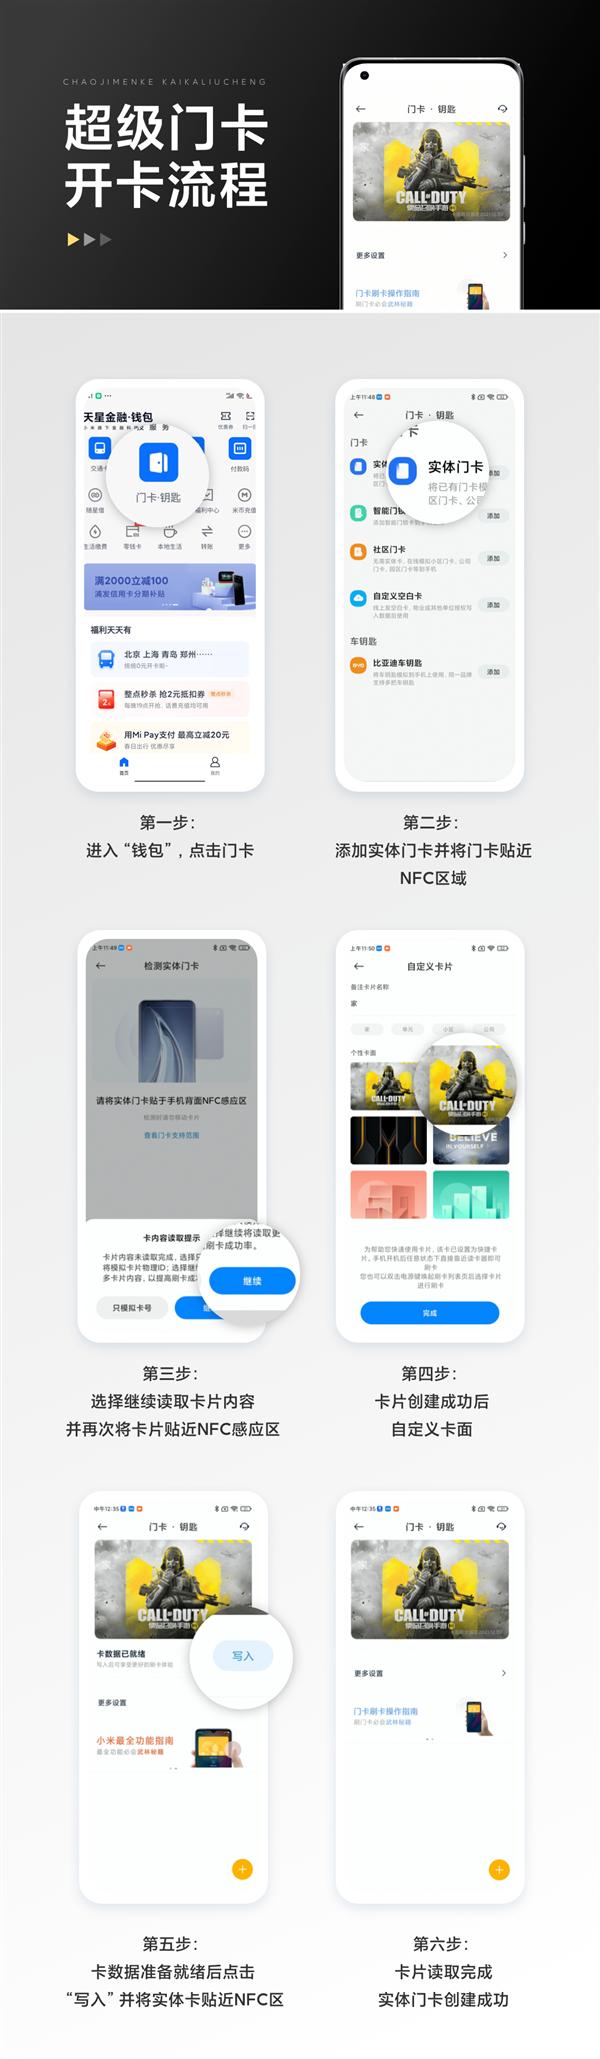 小米NFC3.0 超级门卡如何使用:官方科普来了